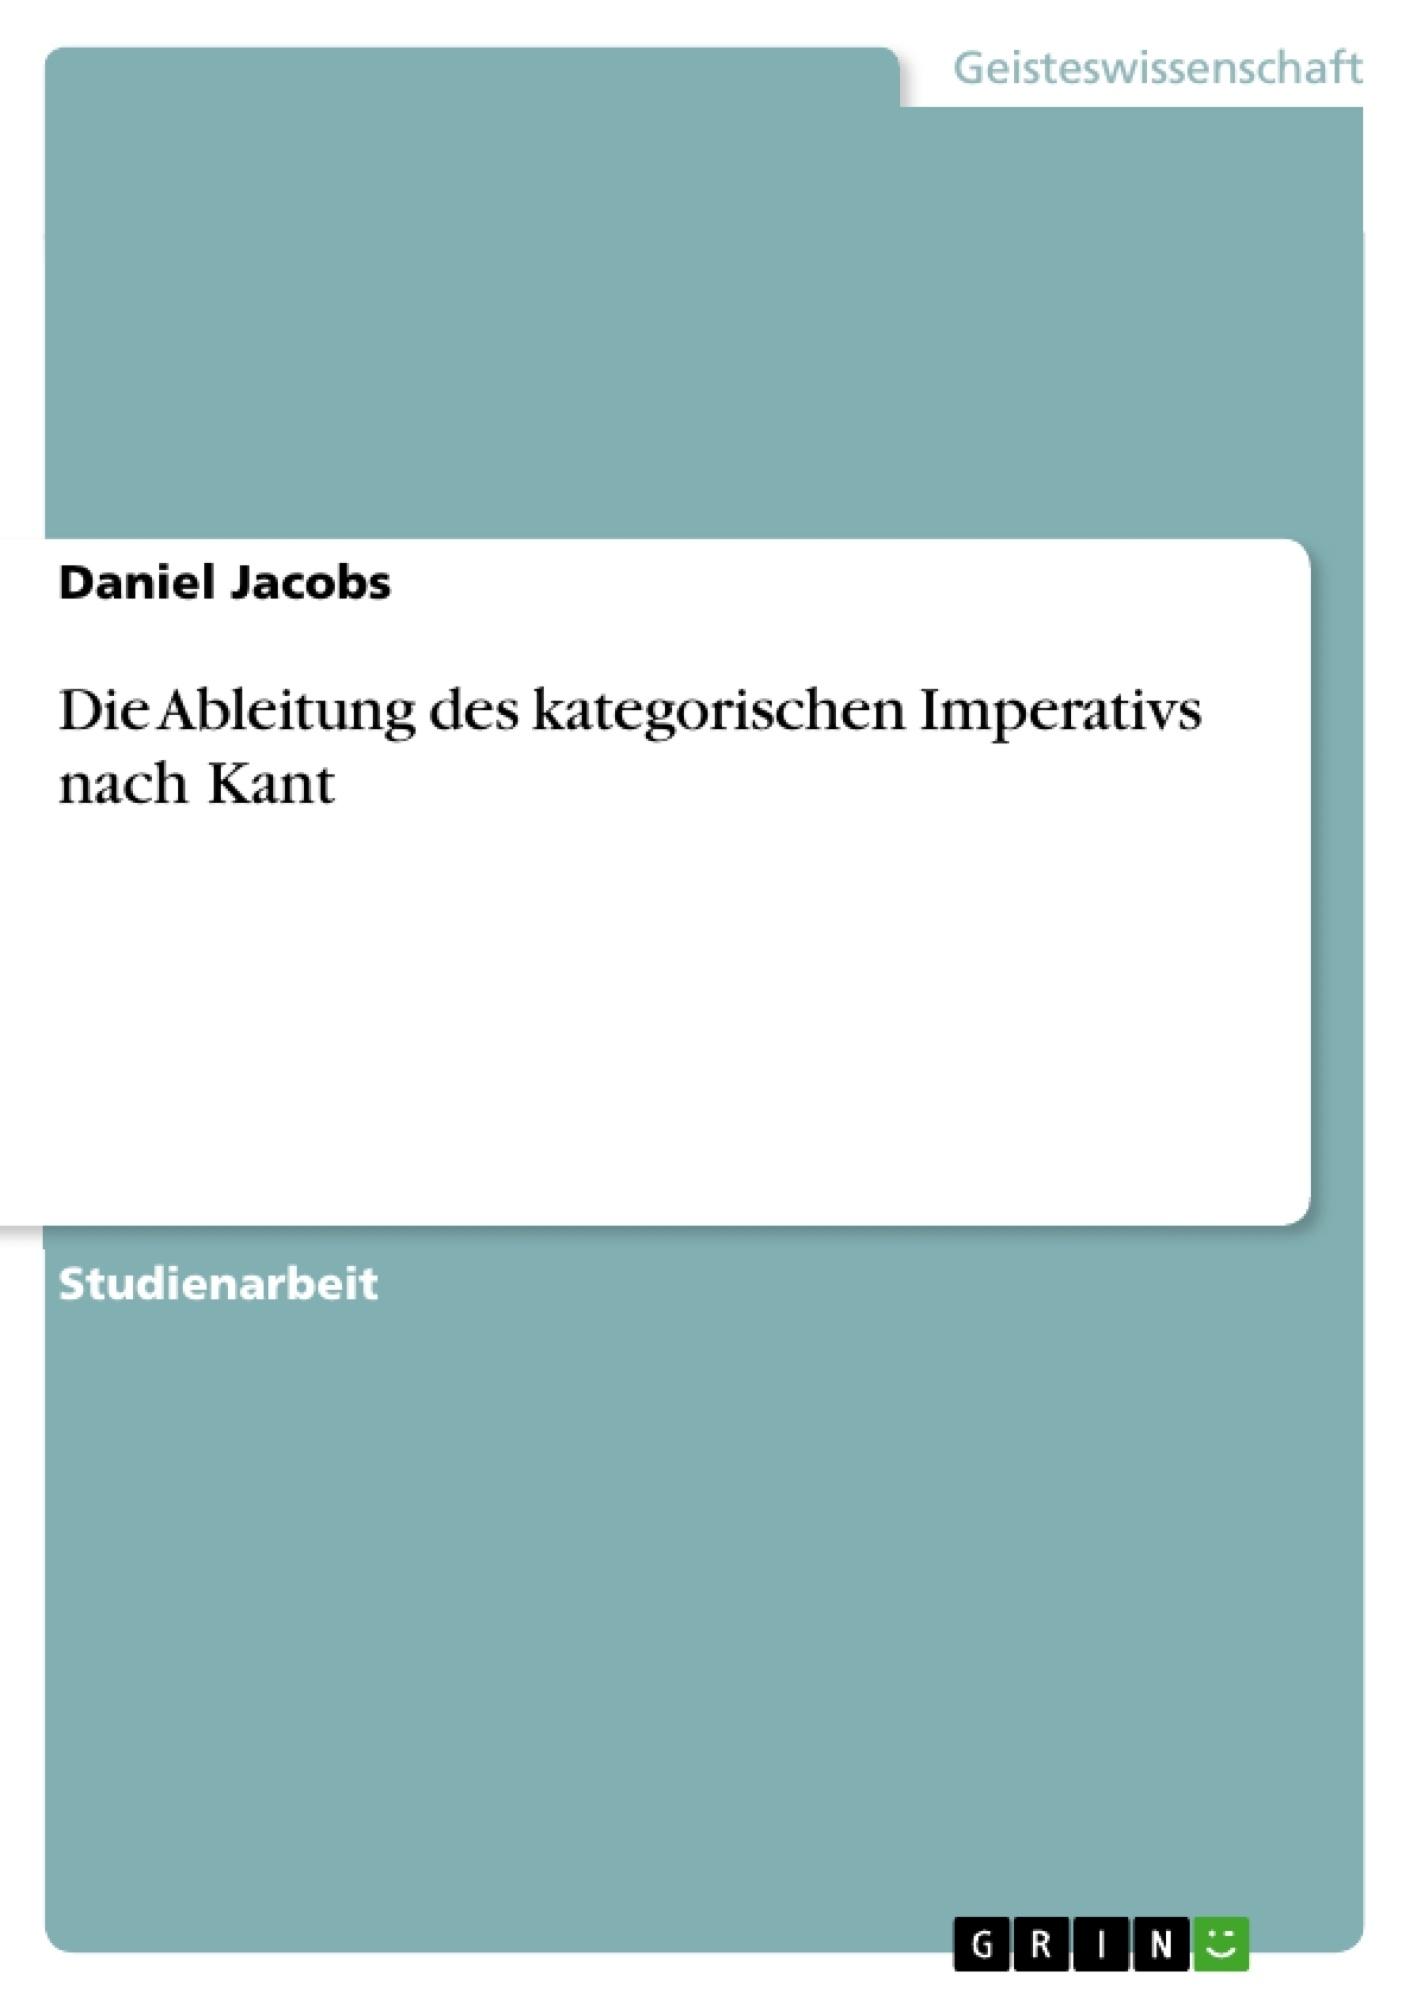 Titel: Die Ableitung des kategorischen Imperativs nach Kant